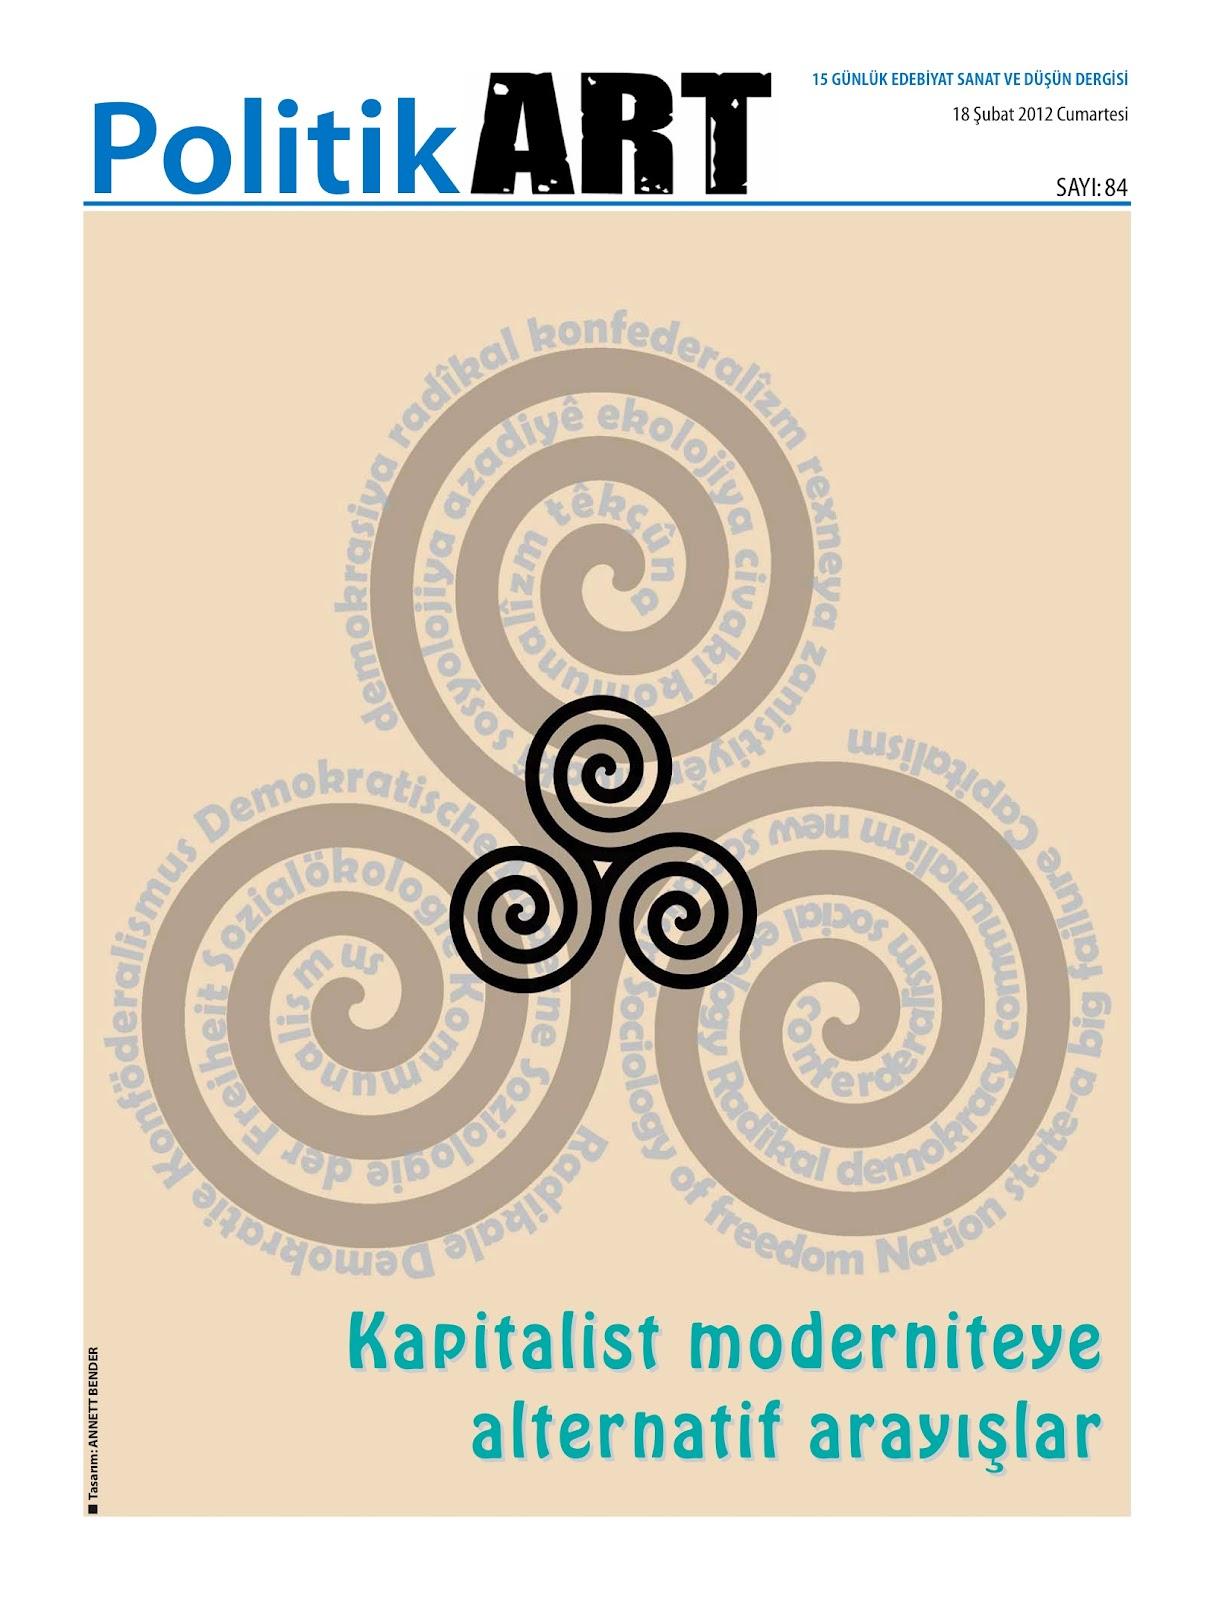 Almanyanın Din Tarihi: Tarih ve Modernite